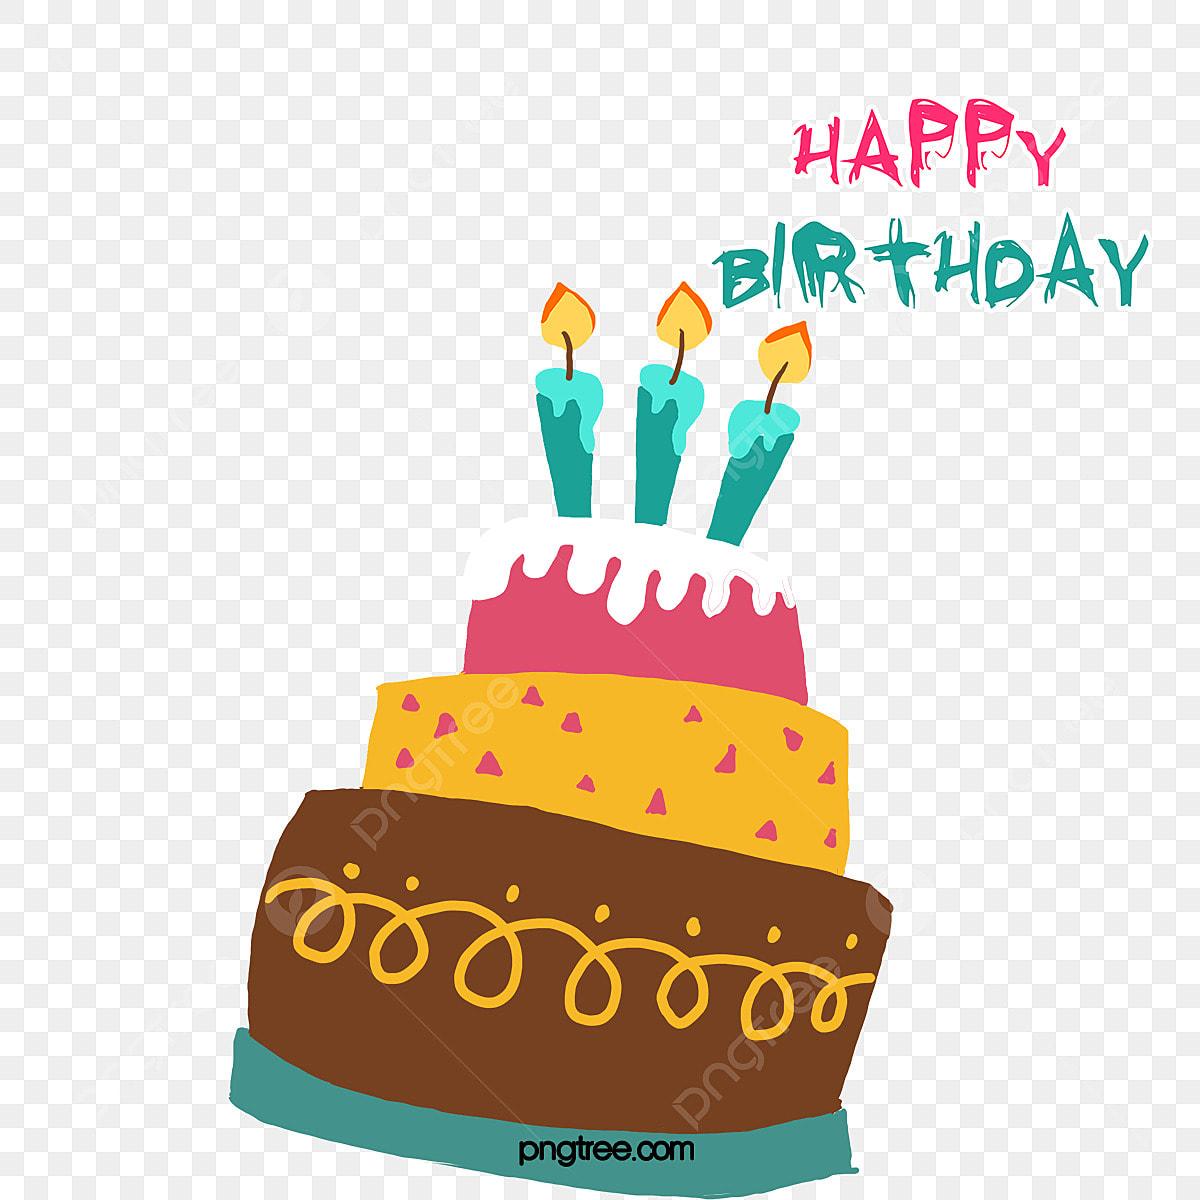 ベクタ誕生日ケーキイラスト 誕生日ケーキ お誕生日おめでとうございます